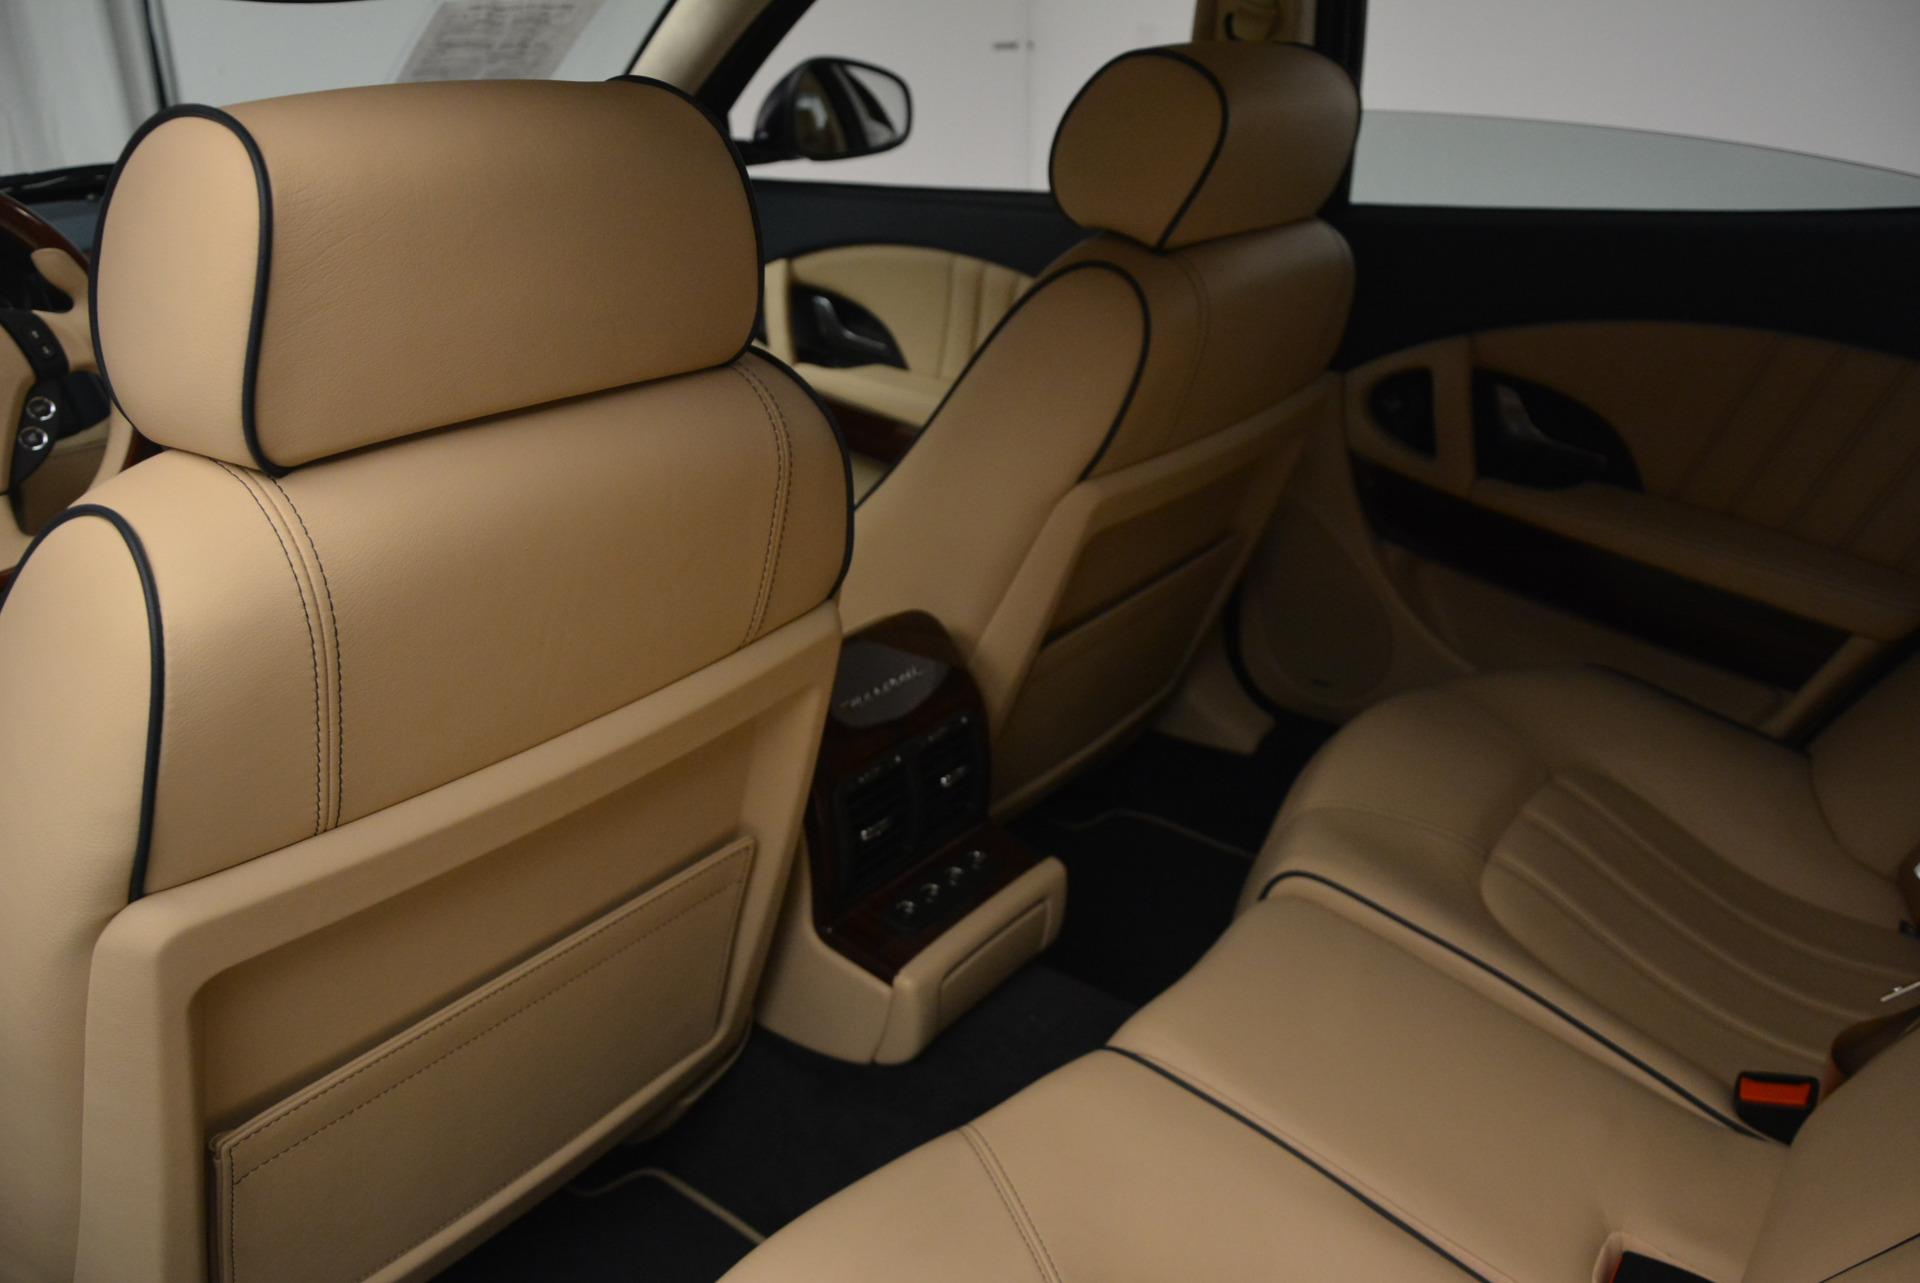 Used 2010 Maserati Quattroporte S For Sale In Greenwich, CT. Alfa Romeo of Greenwich, 1267 795_p25